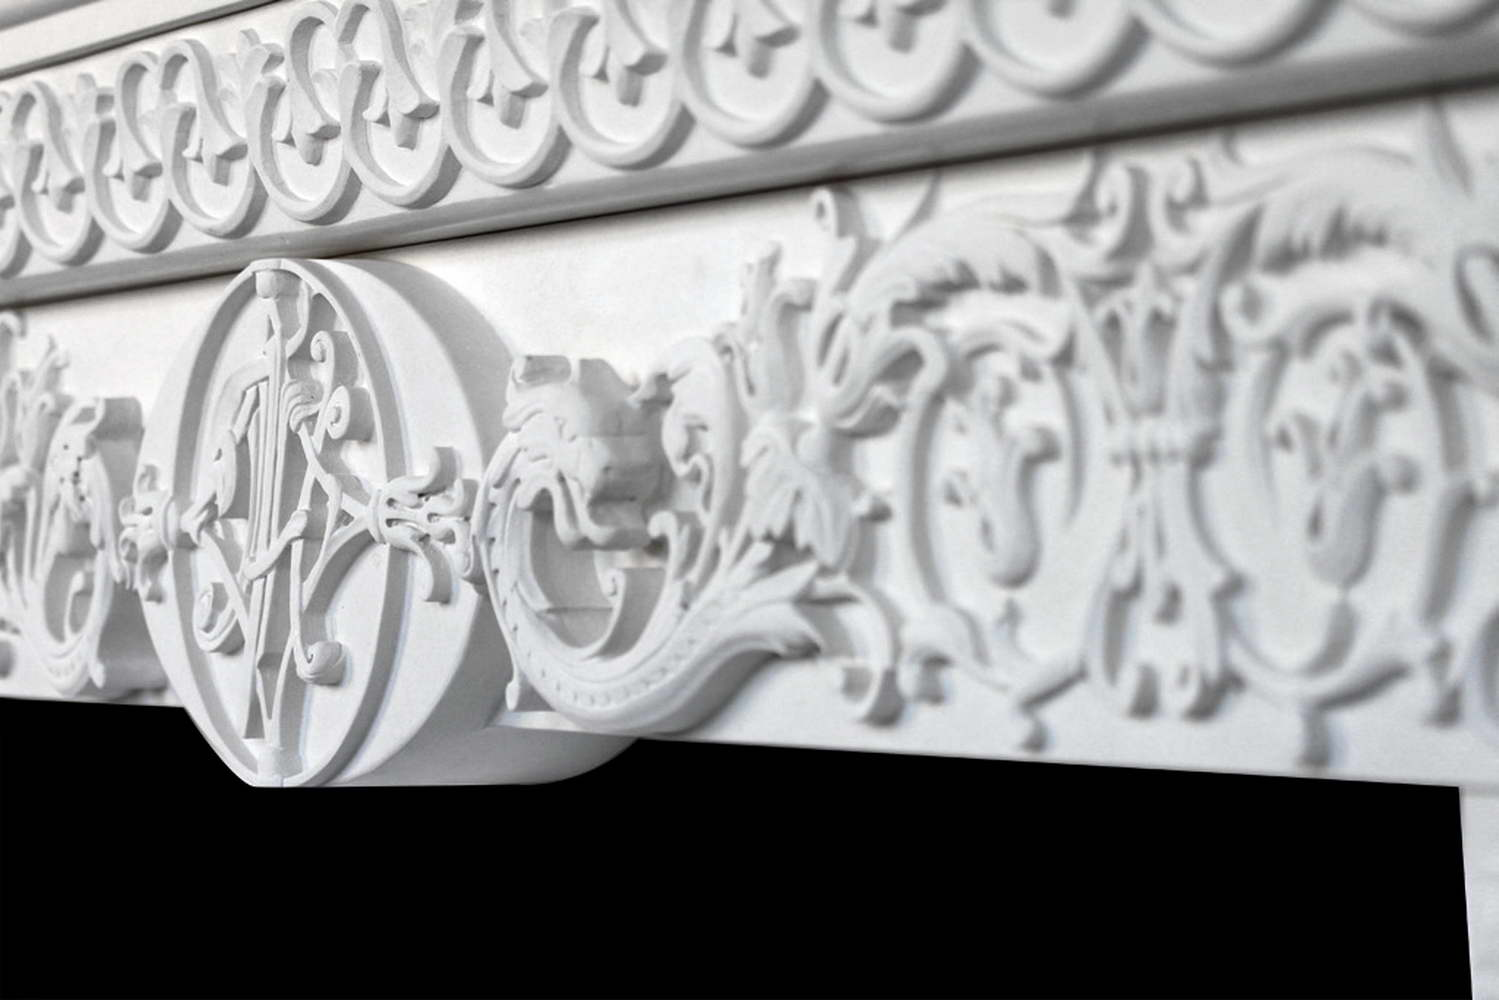 camino in marmo bianco - fregi, particolare